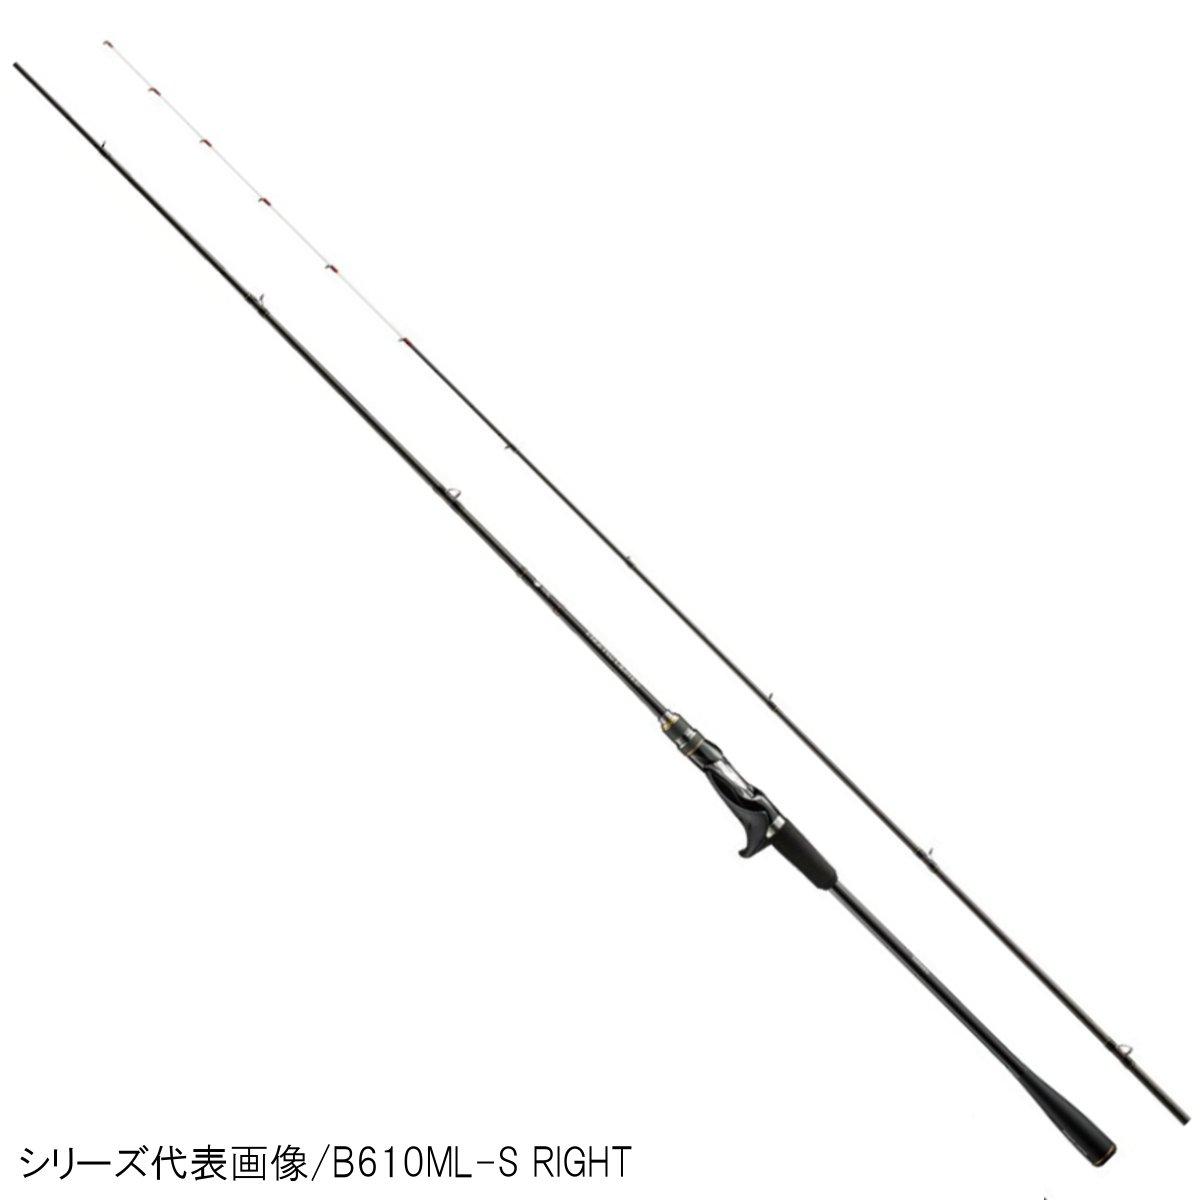 炎月 リミテッド B610ML-S LEFT シマノ【大型商品】【同梱不可】